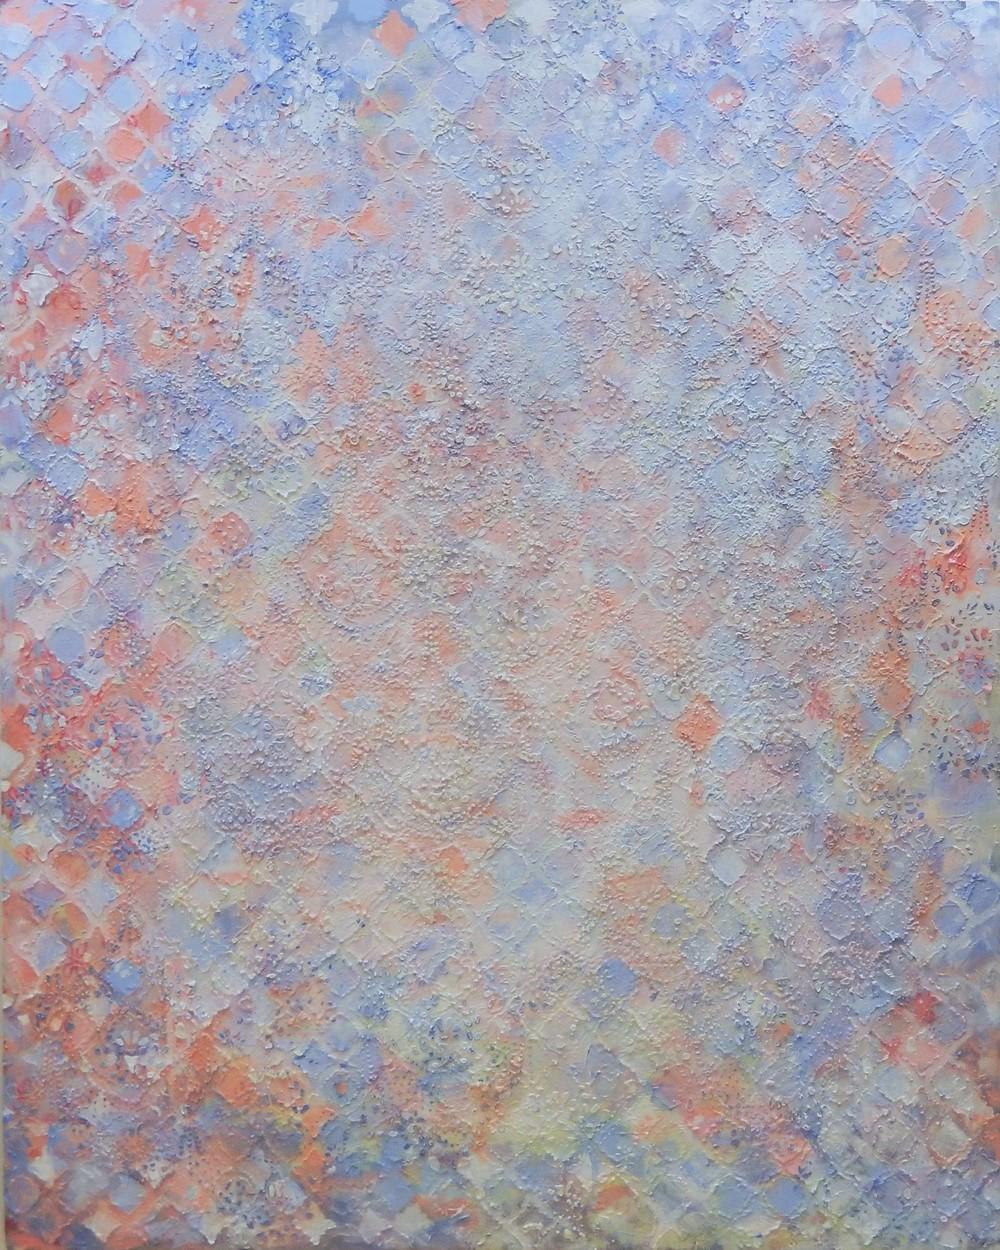 Columbia 1  Acrylic on canvas